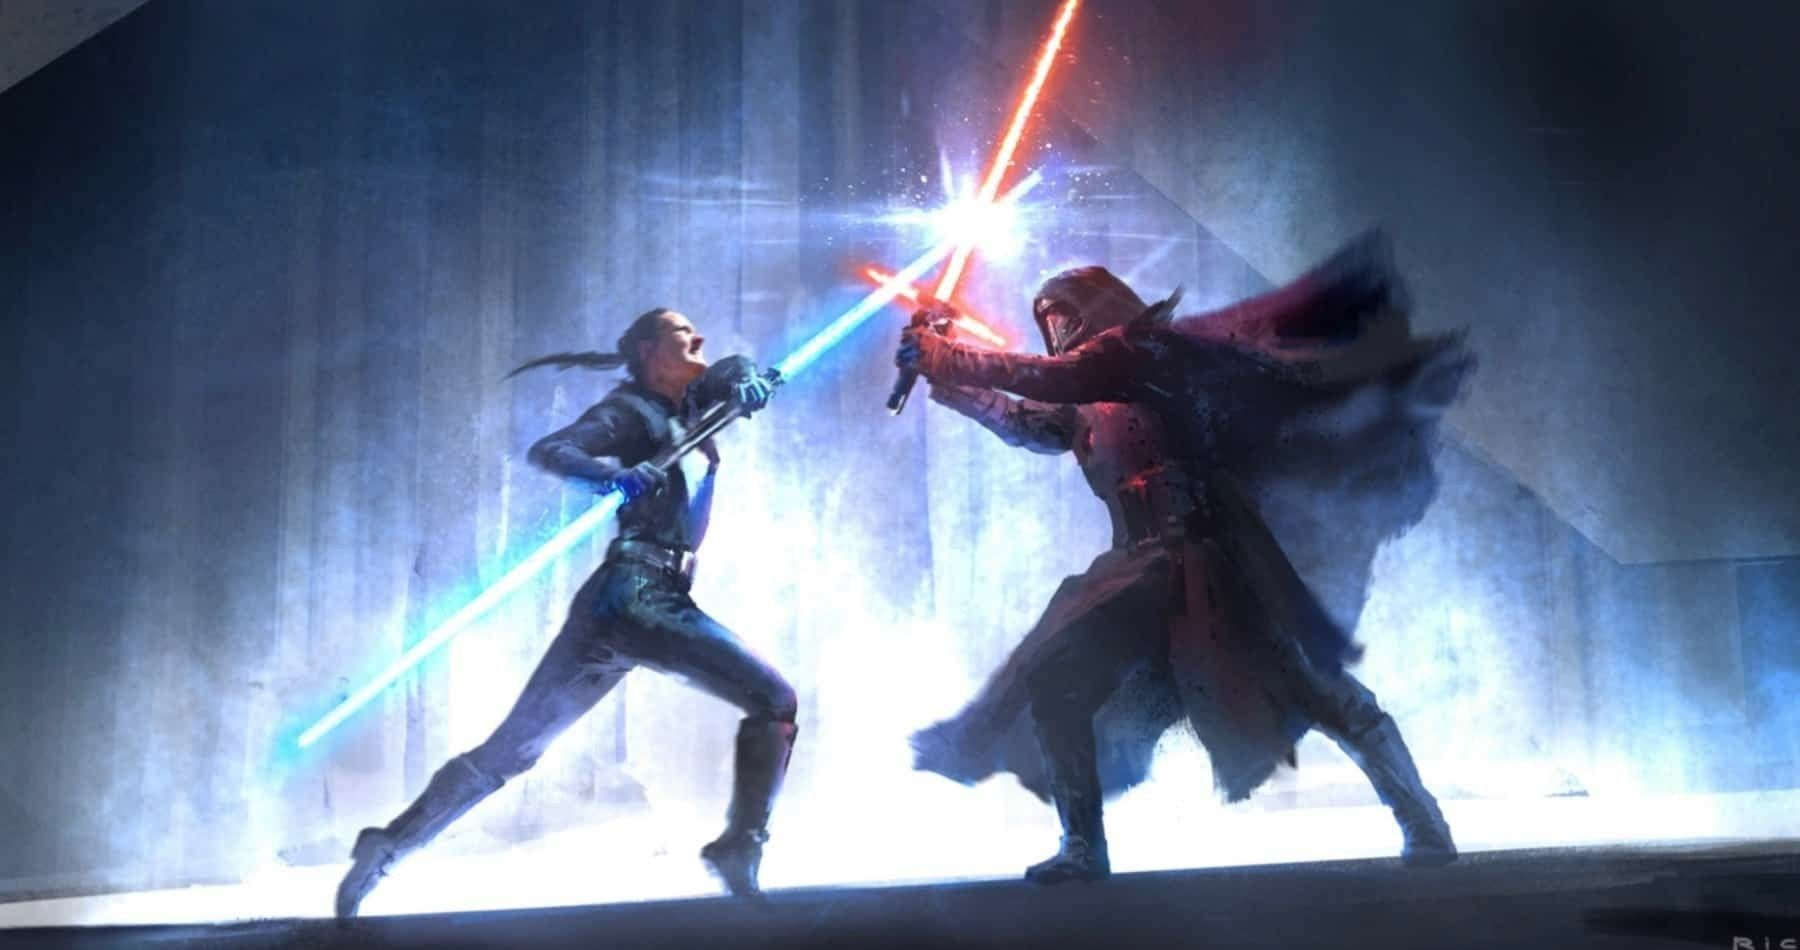 Rey Vs Kylo Ren On Mortis Star Wars Concept Art Star Wars Episodes Star Wars Movie